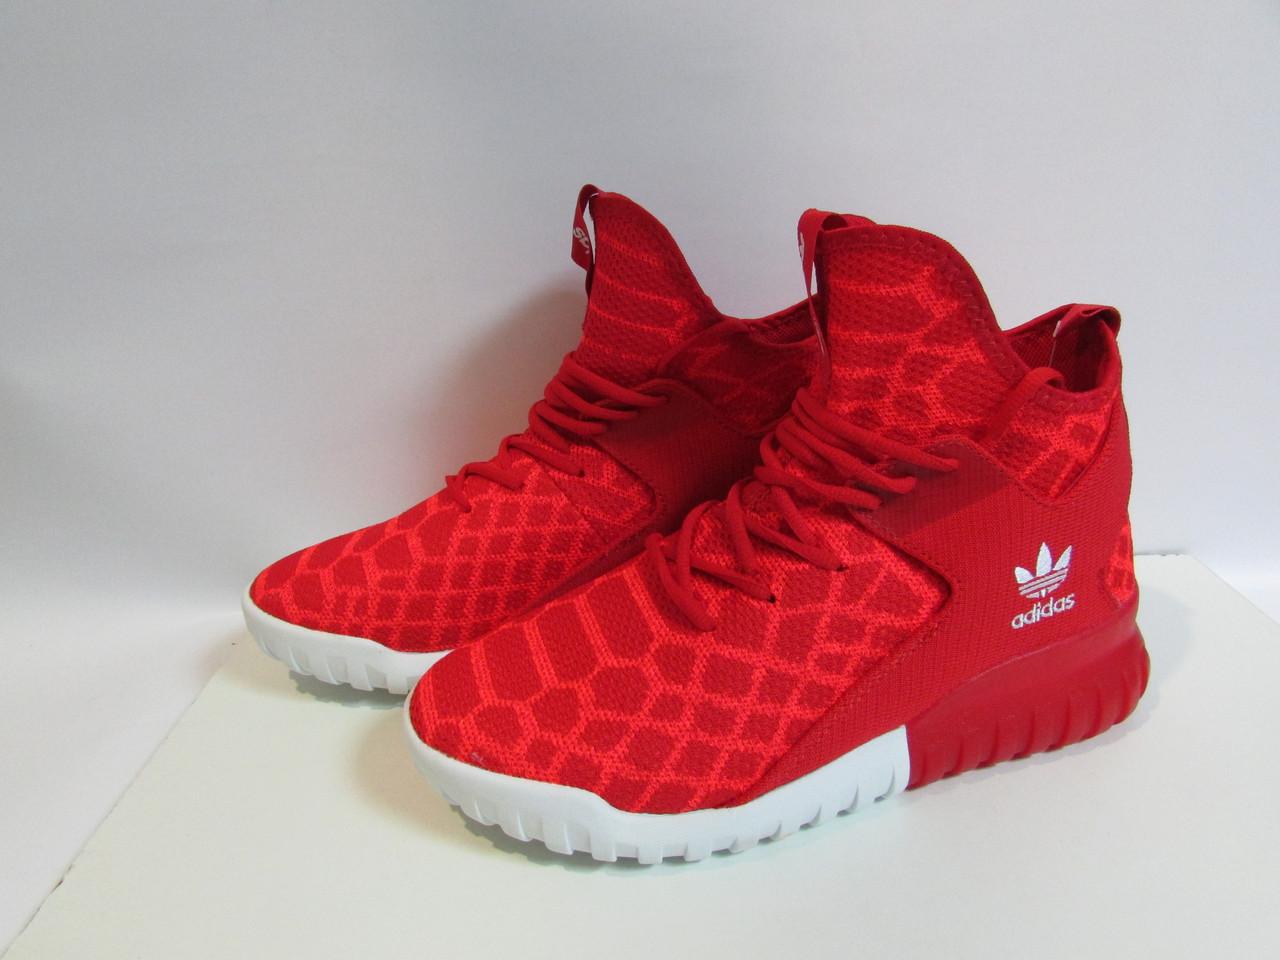 77d20c1d Мужские кроссовки Adidas красные высокие ( 345) код 957А - Интернет-магазин